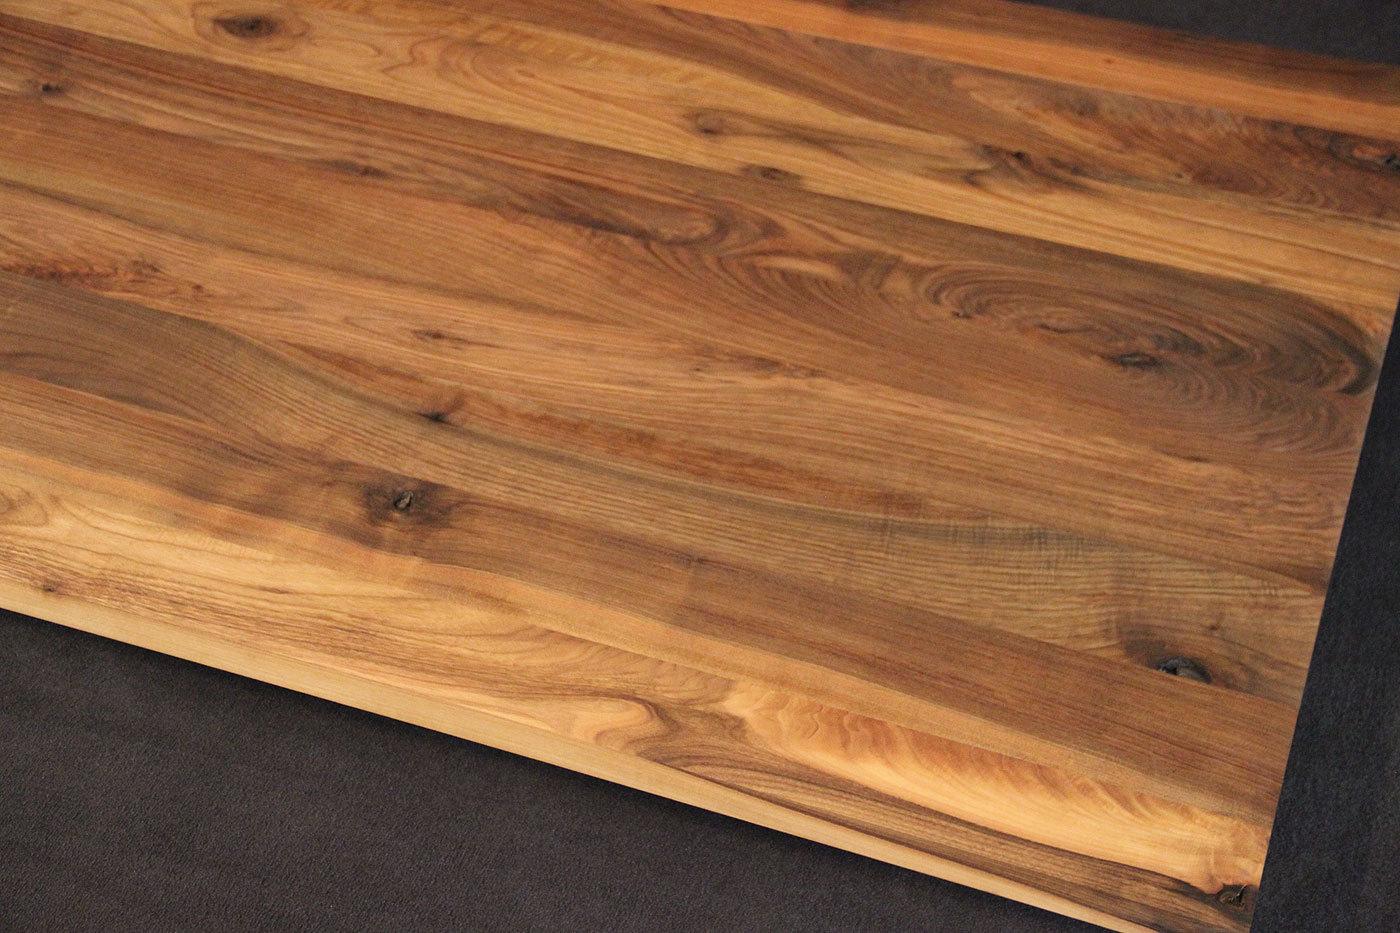 Tischplatte massivholz nussbaum  Massivholz Kaukasischer Nussbaum Rustikal ohne Splint DL 40/1800/1000